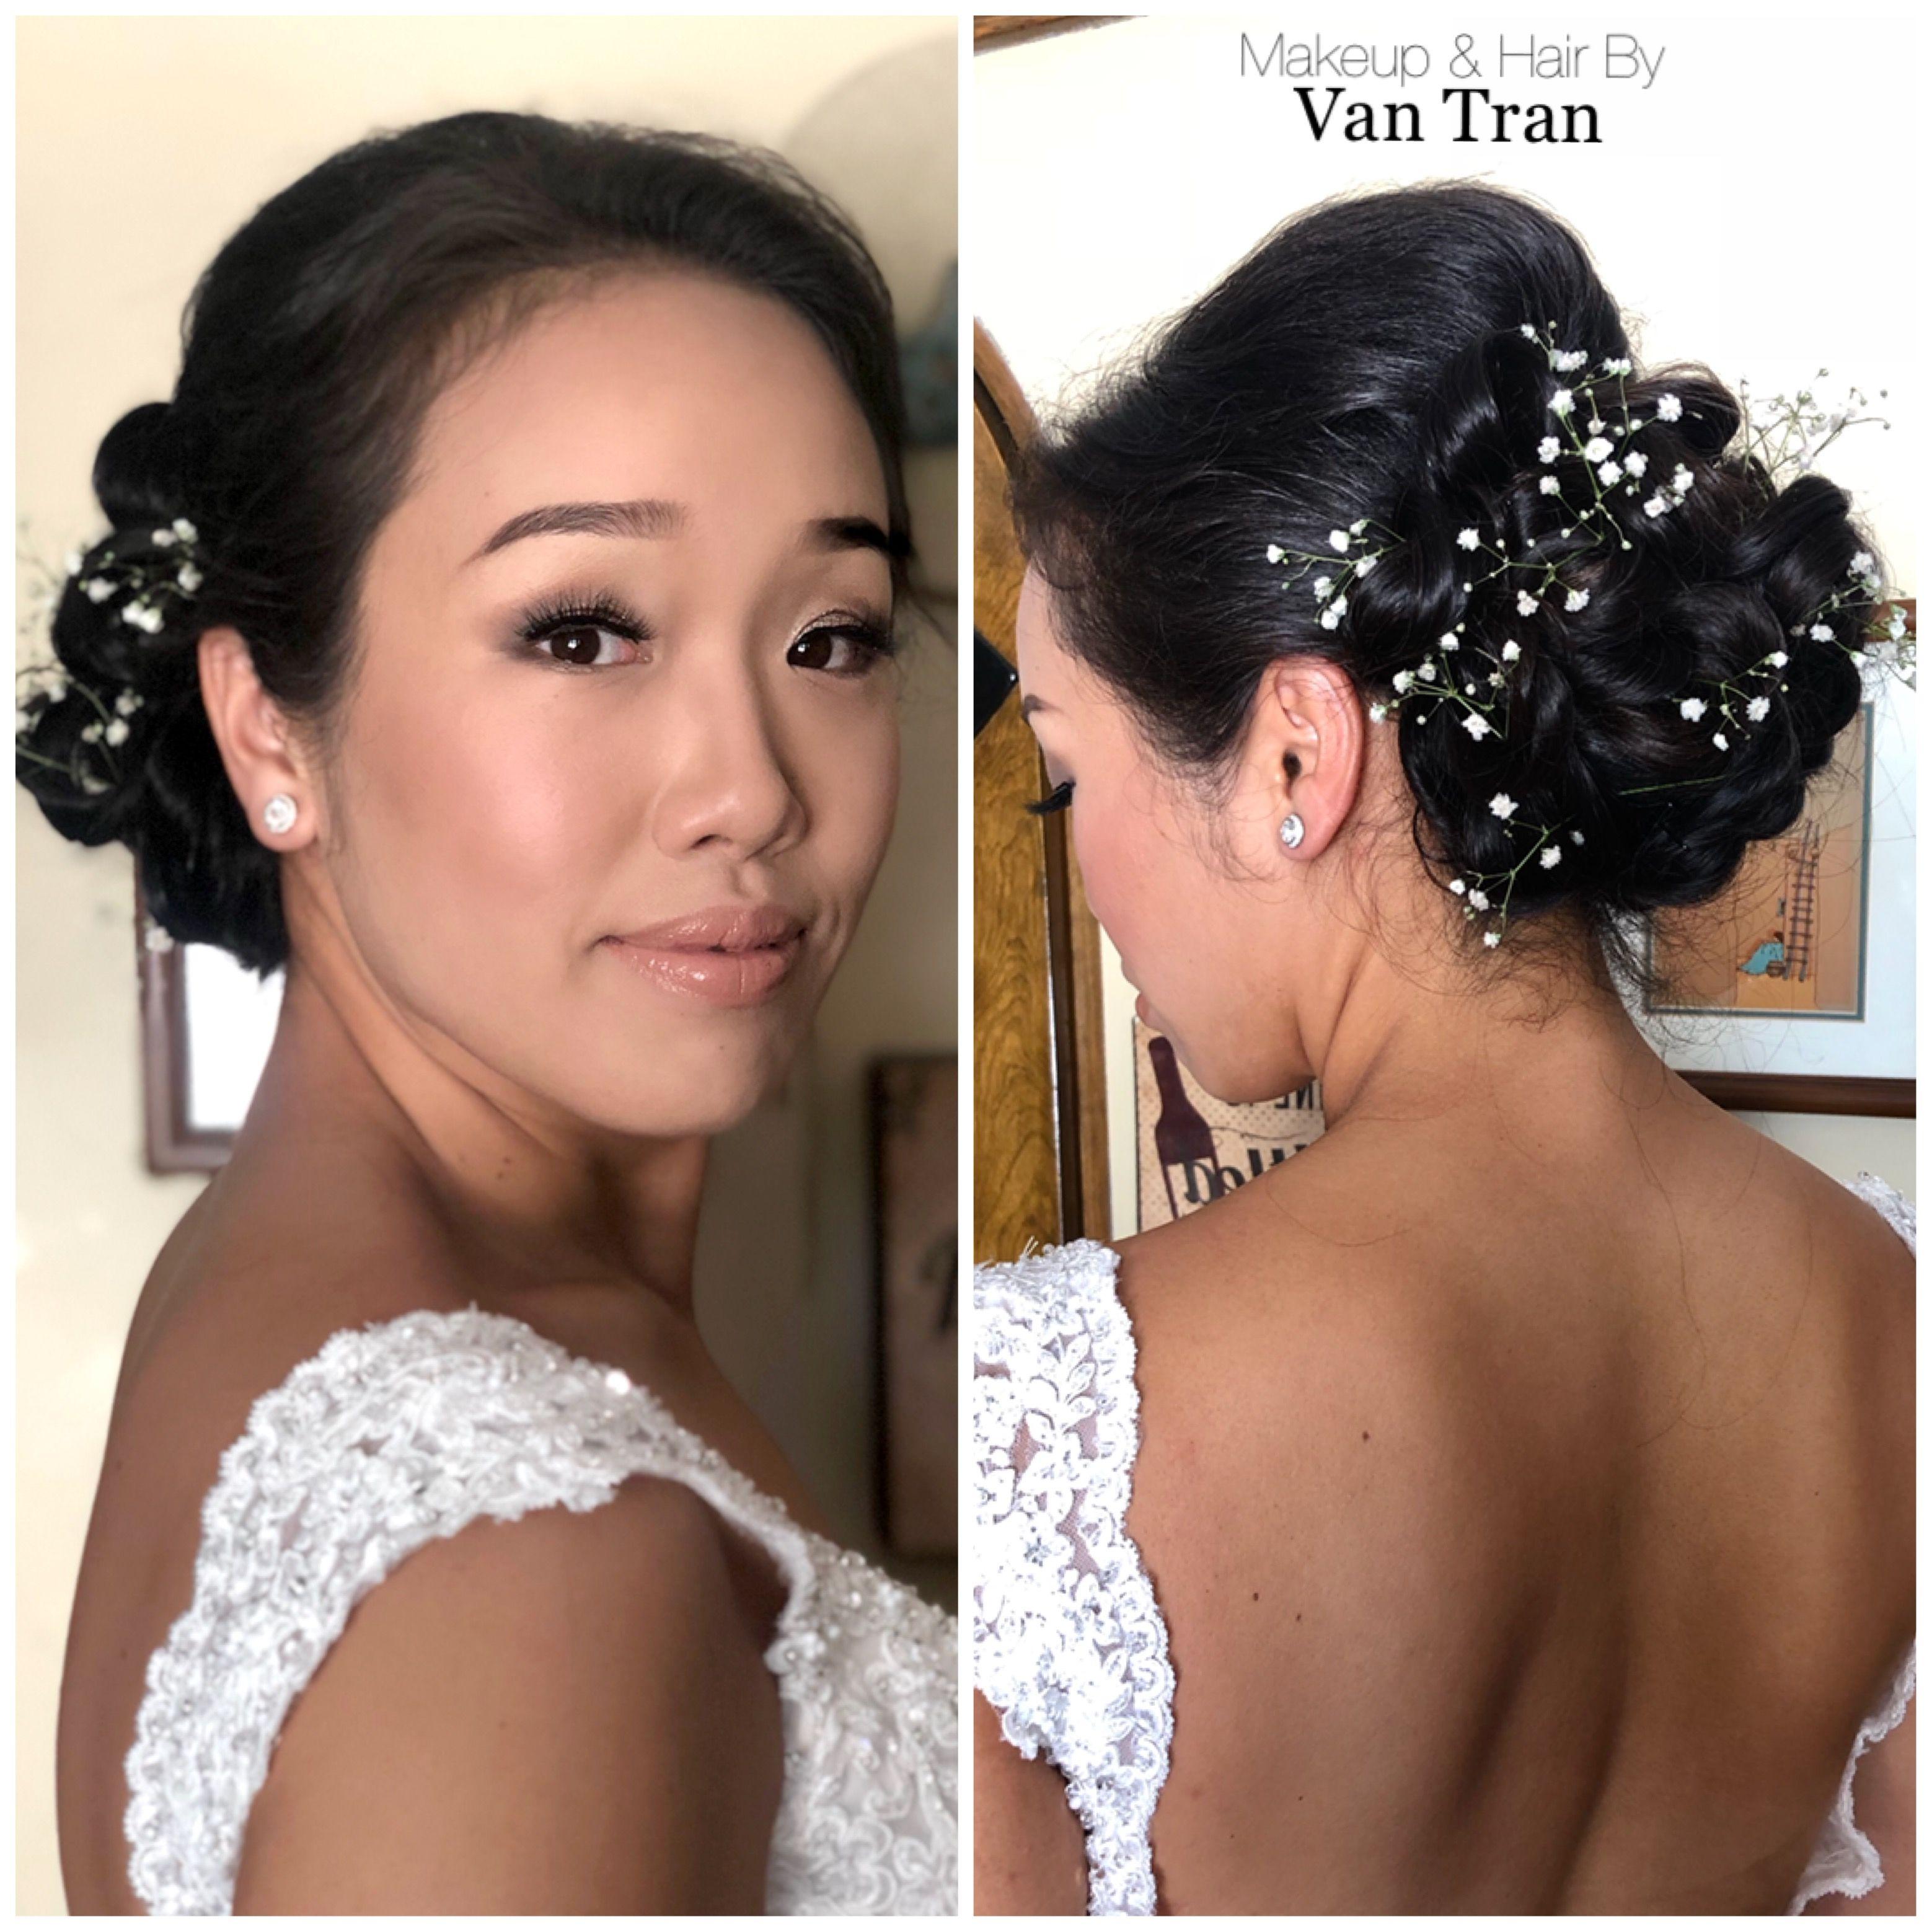 Bridal hair & makeup By Van Tran vantran sandiegomakeup